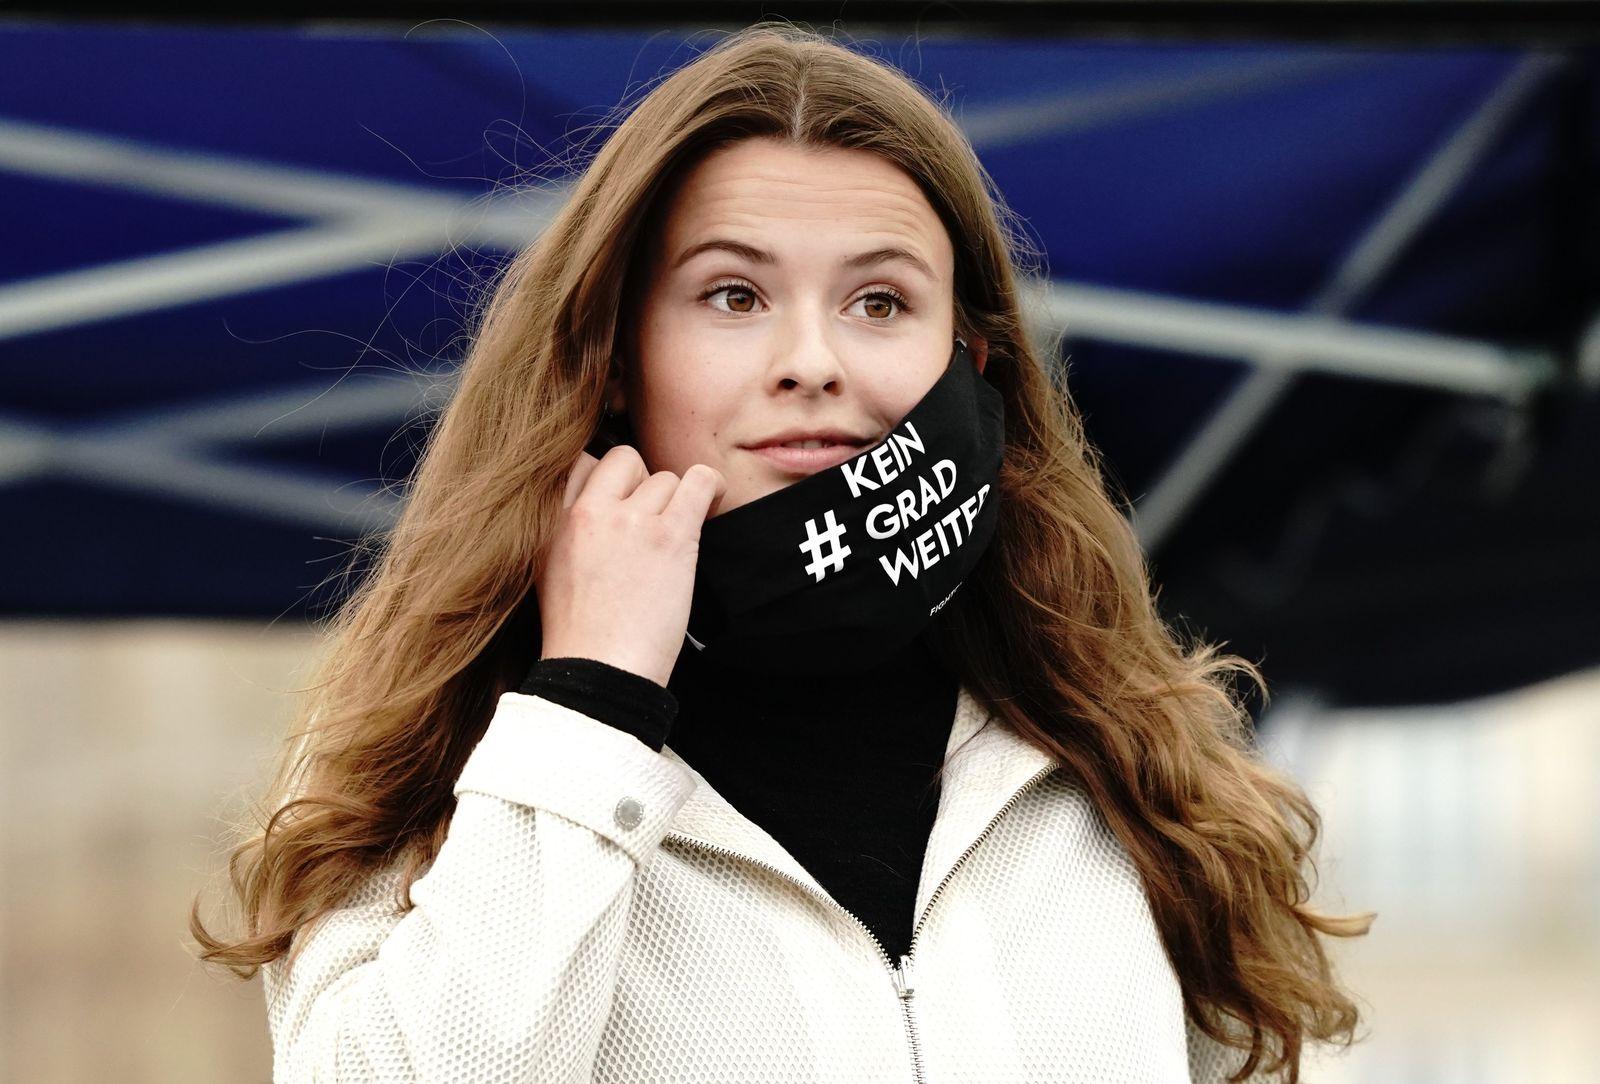 Klimaschützerin Luisa Neubauer